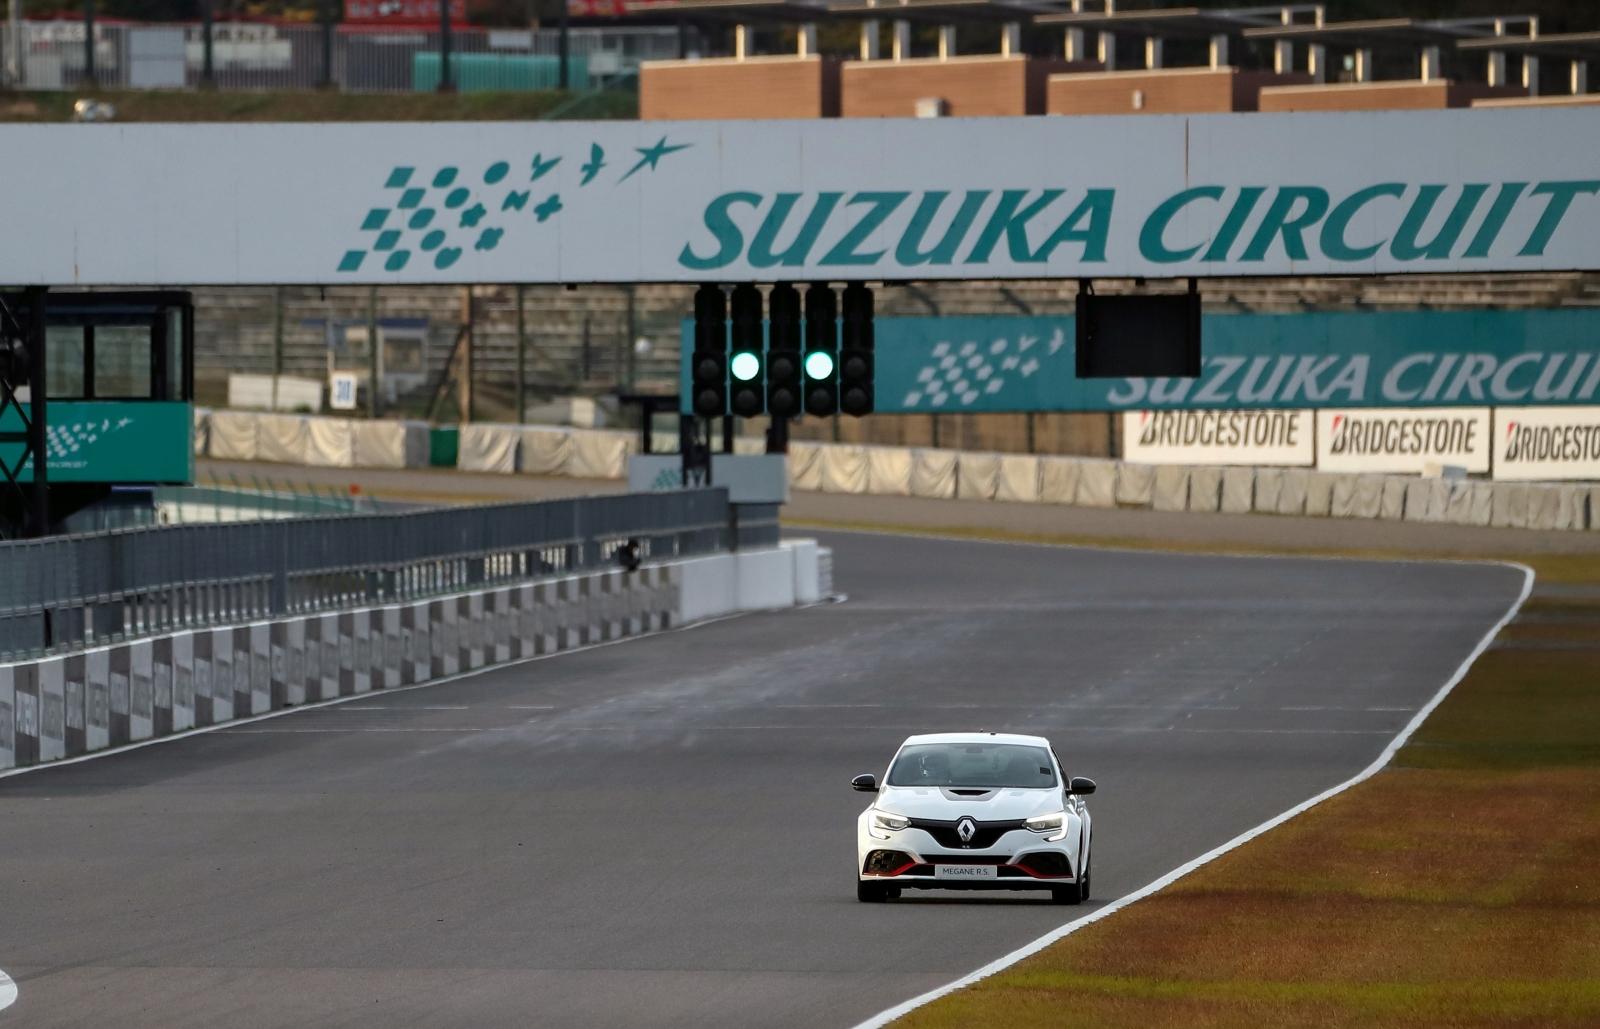 2019 - Nouvelle MÉGANE R.S. TROPHY-R : Nouveau record sur le circuit de Suzuka